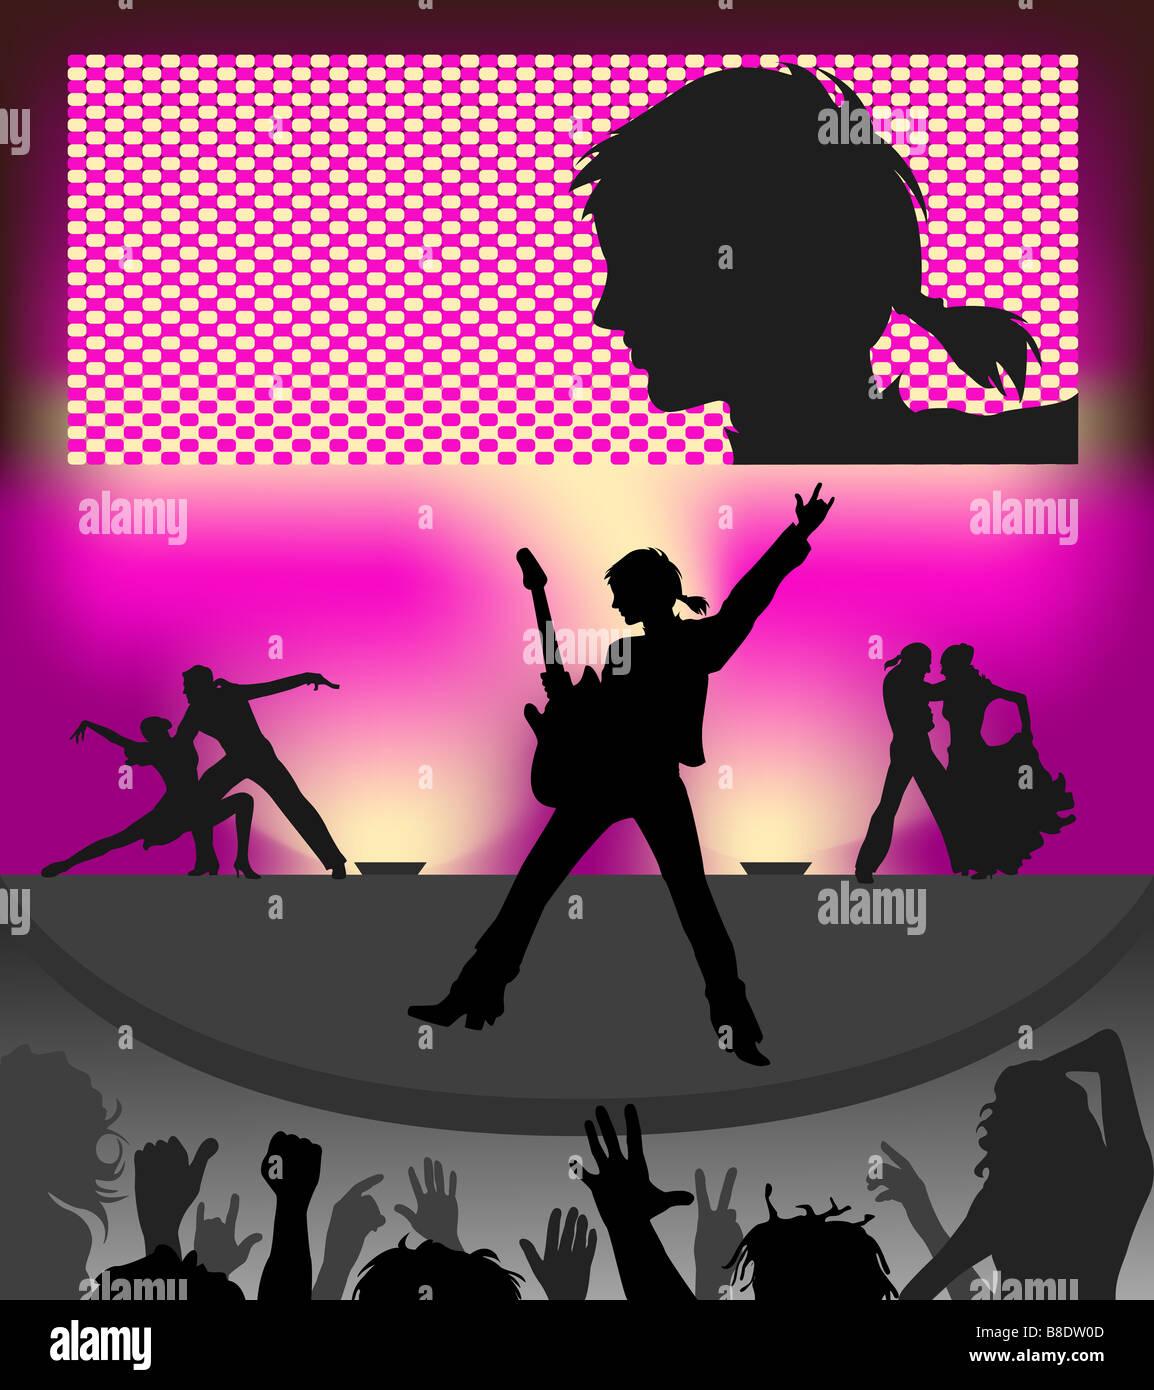 Silhouetten von Publikum und Musiker ein beliebtes Konzert. Stockbild